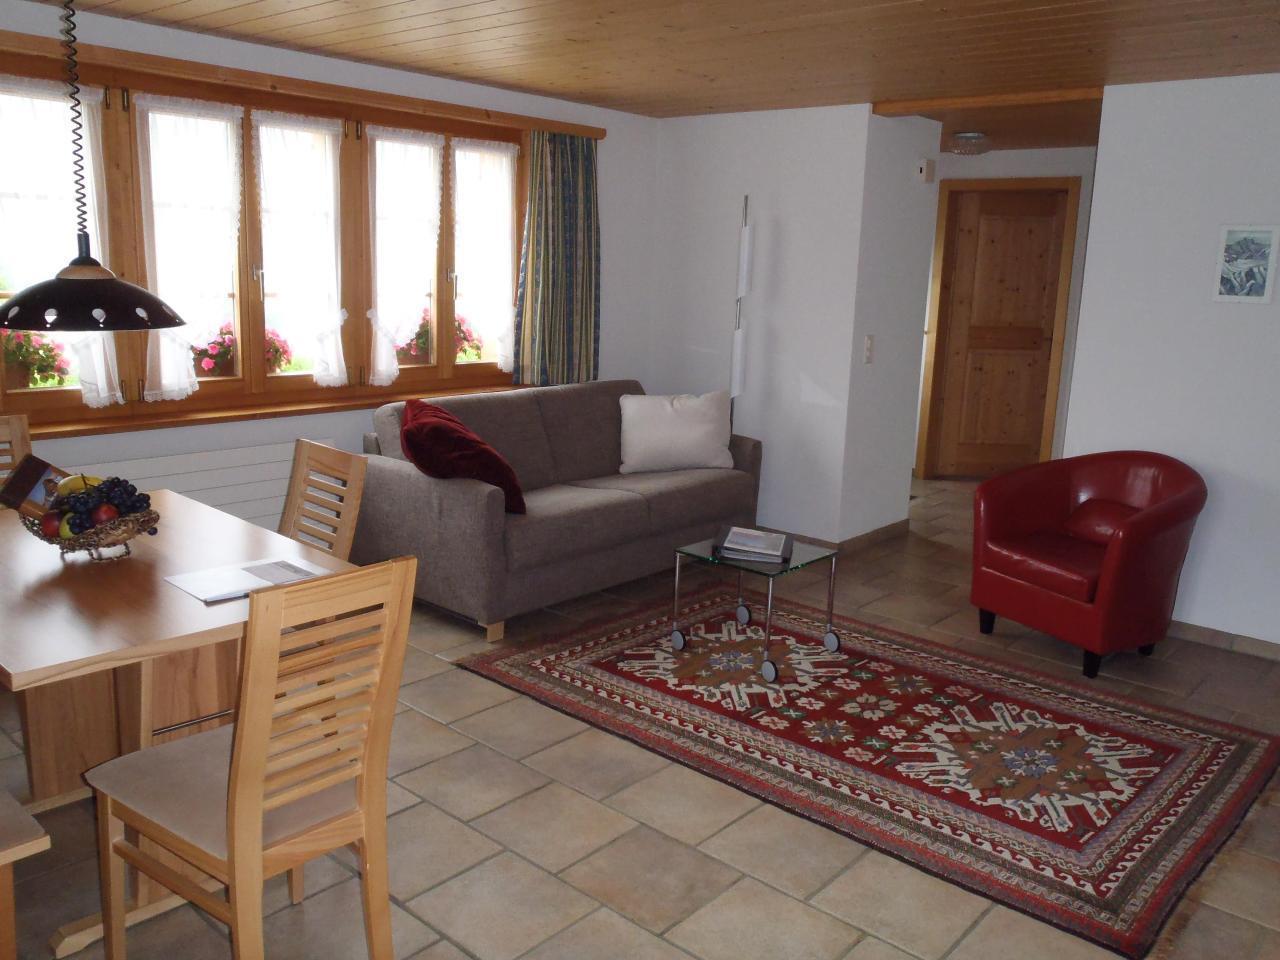 Appartement de vacances Asterix 2 Bett Wohnung (2691730), Grindelwald, Région de la Jungfrau, Oberland bernois, Suisse, image 7